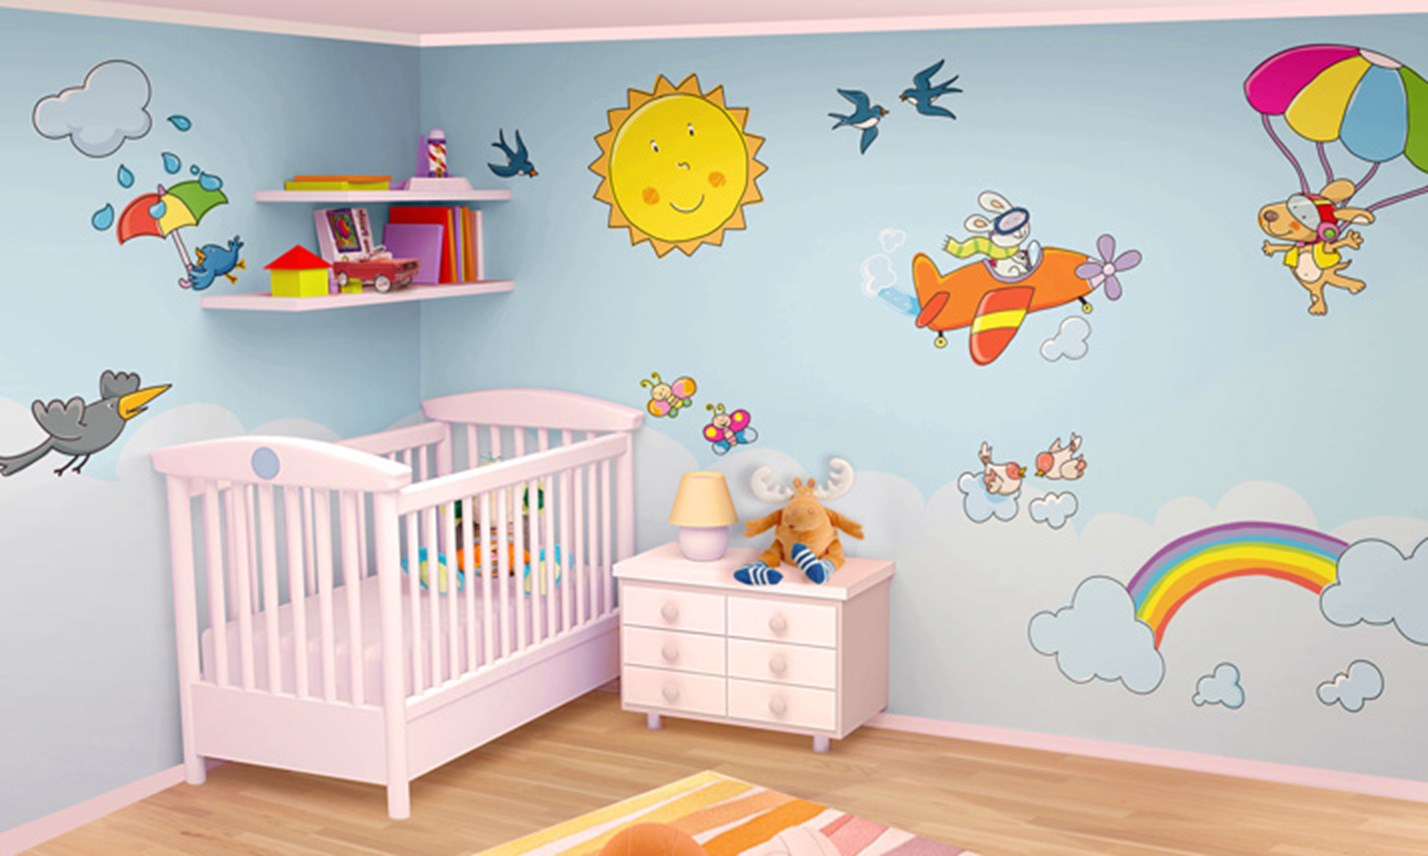 Decorazioni stanze bambini to24 regardsdefemmes for Adesivi per pareti